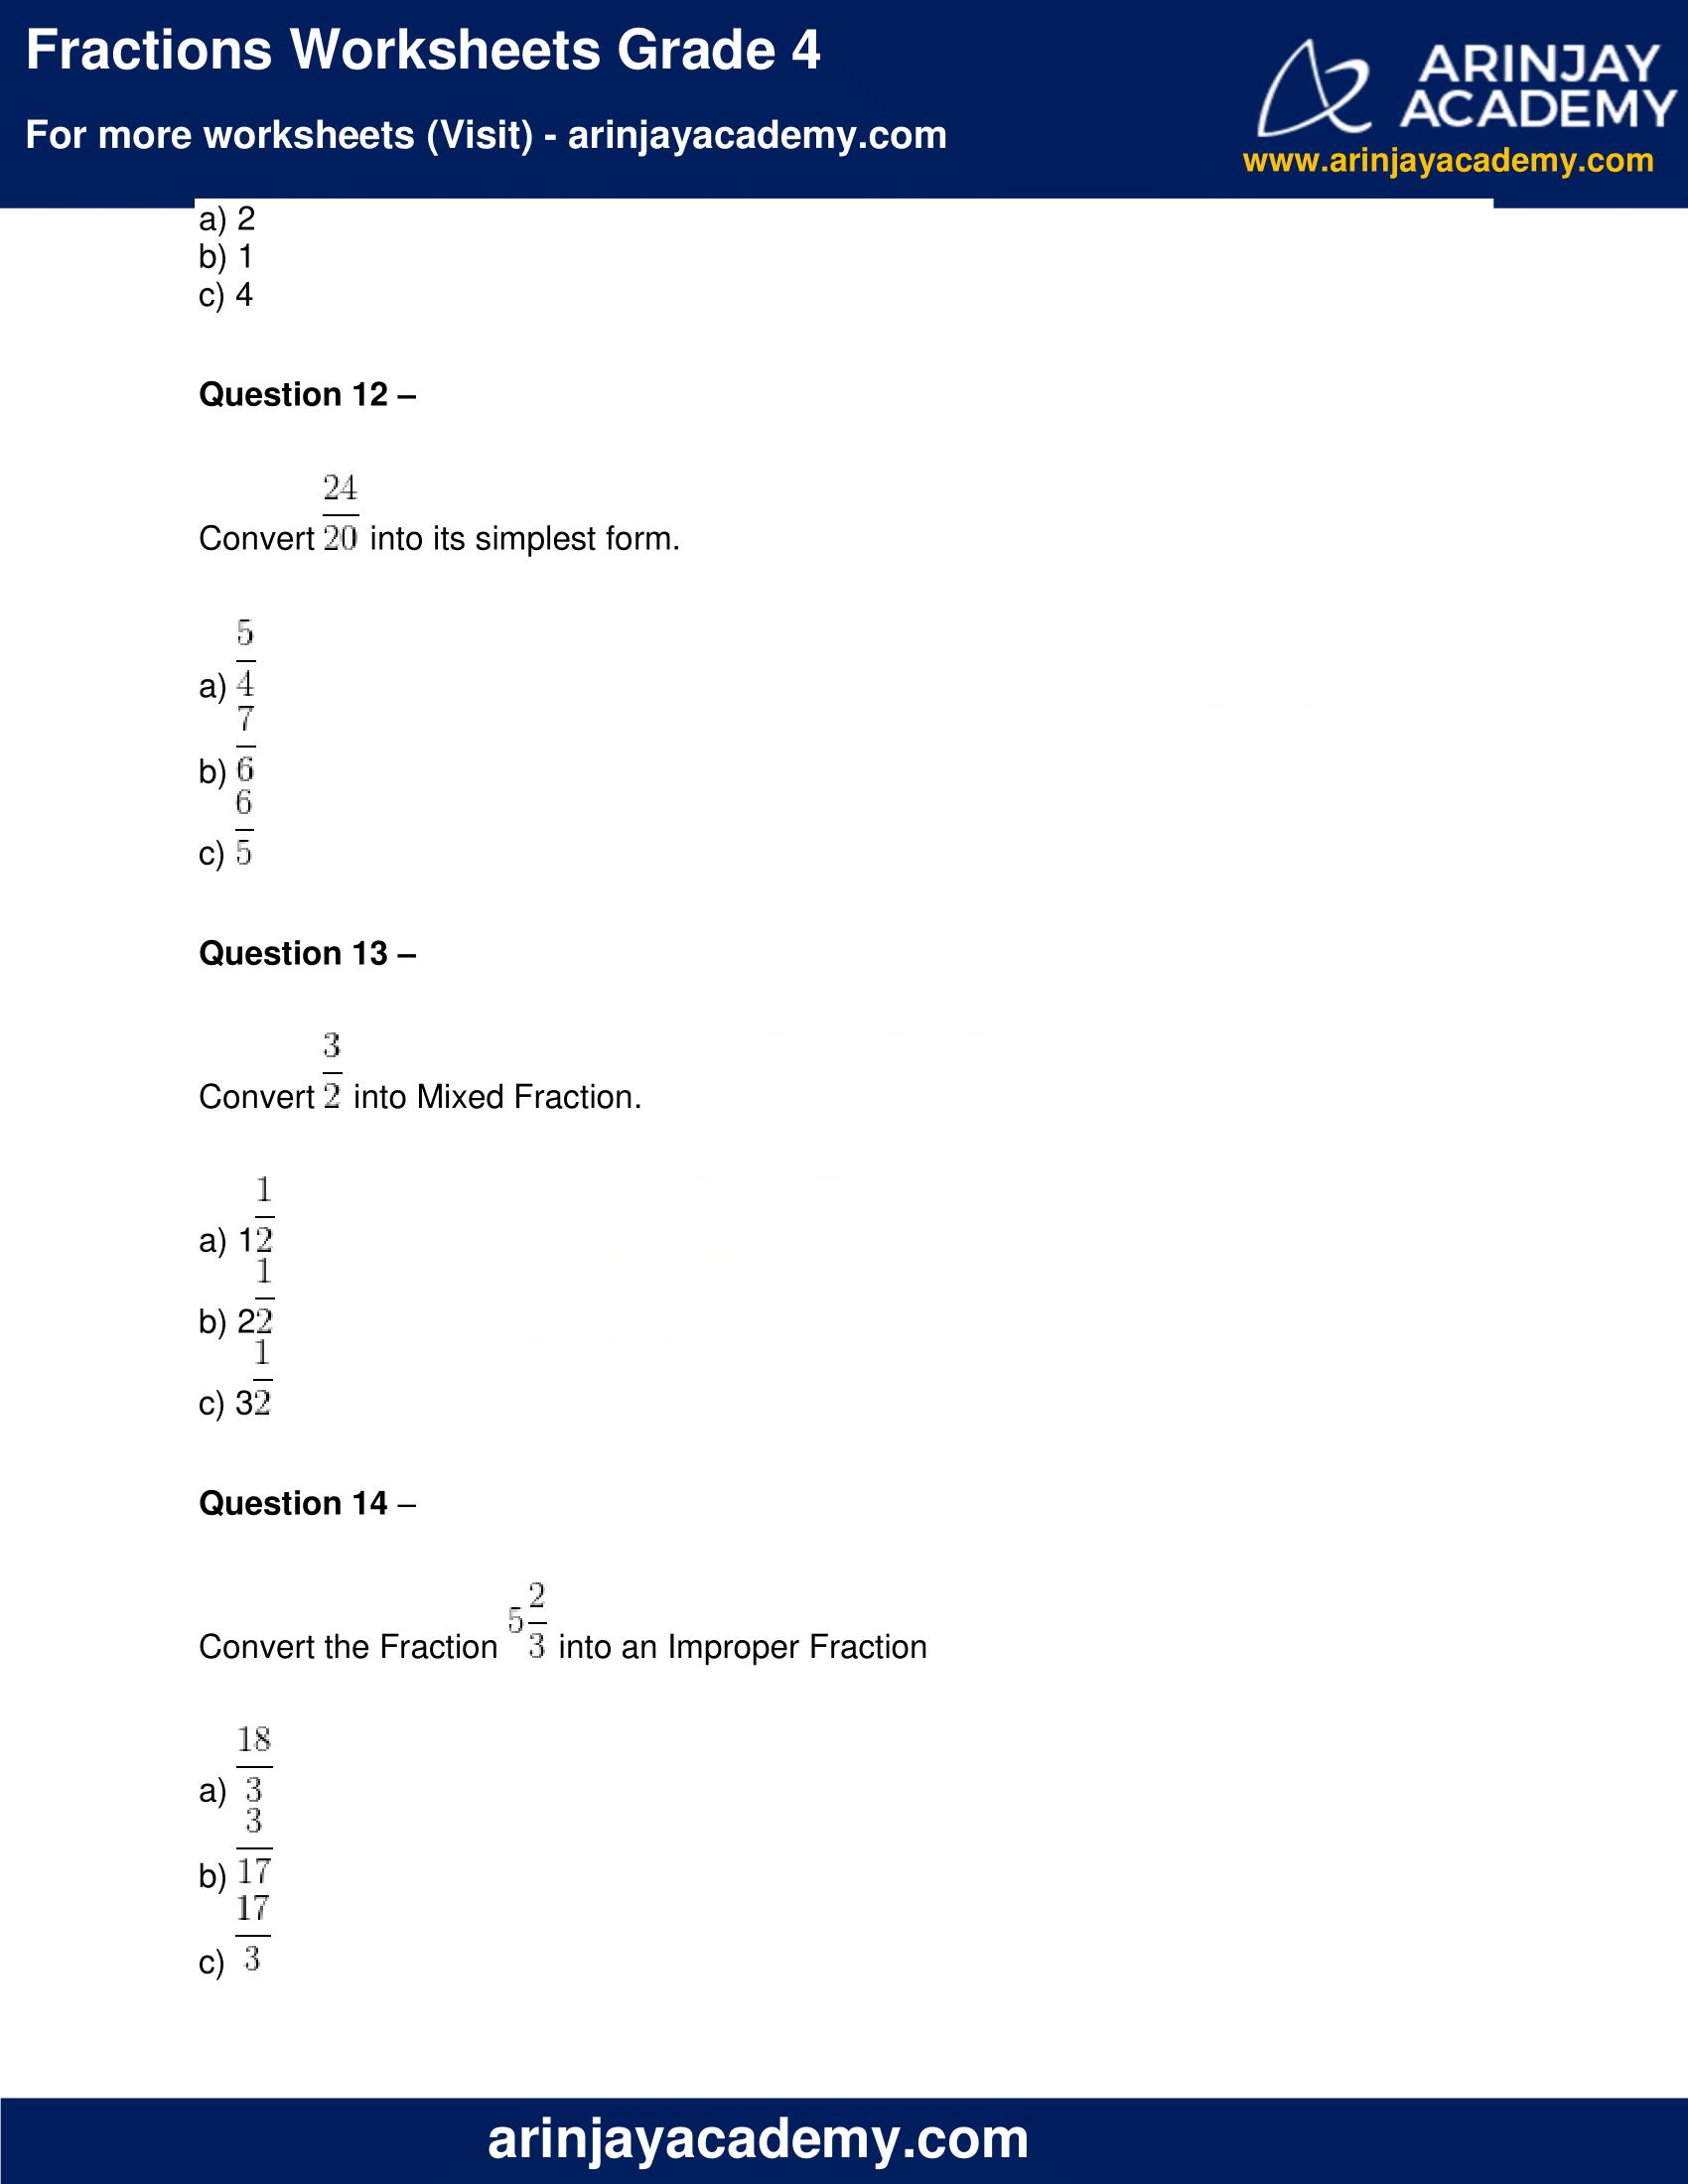 Fractions Worksheets Grade 4 image 4